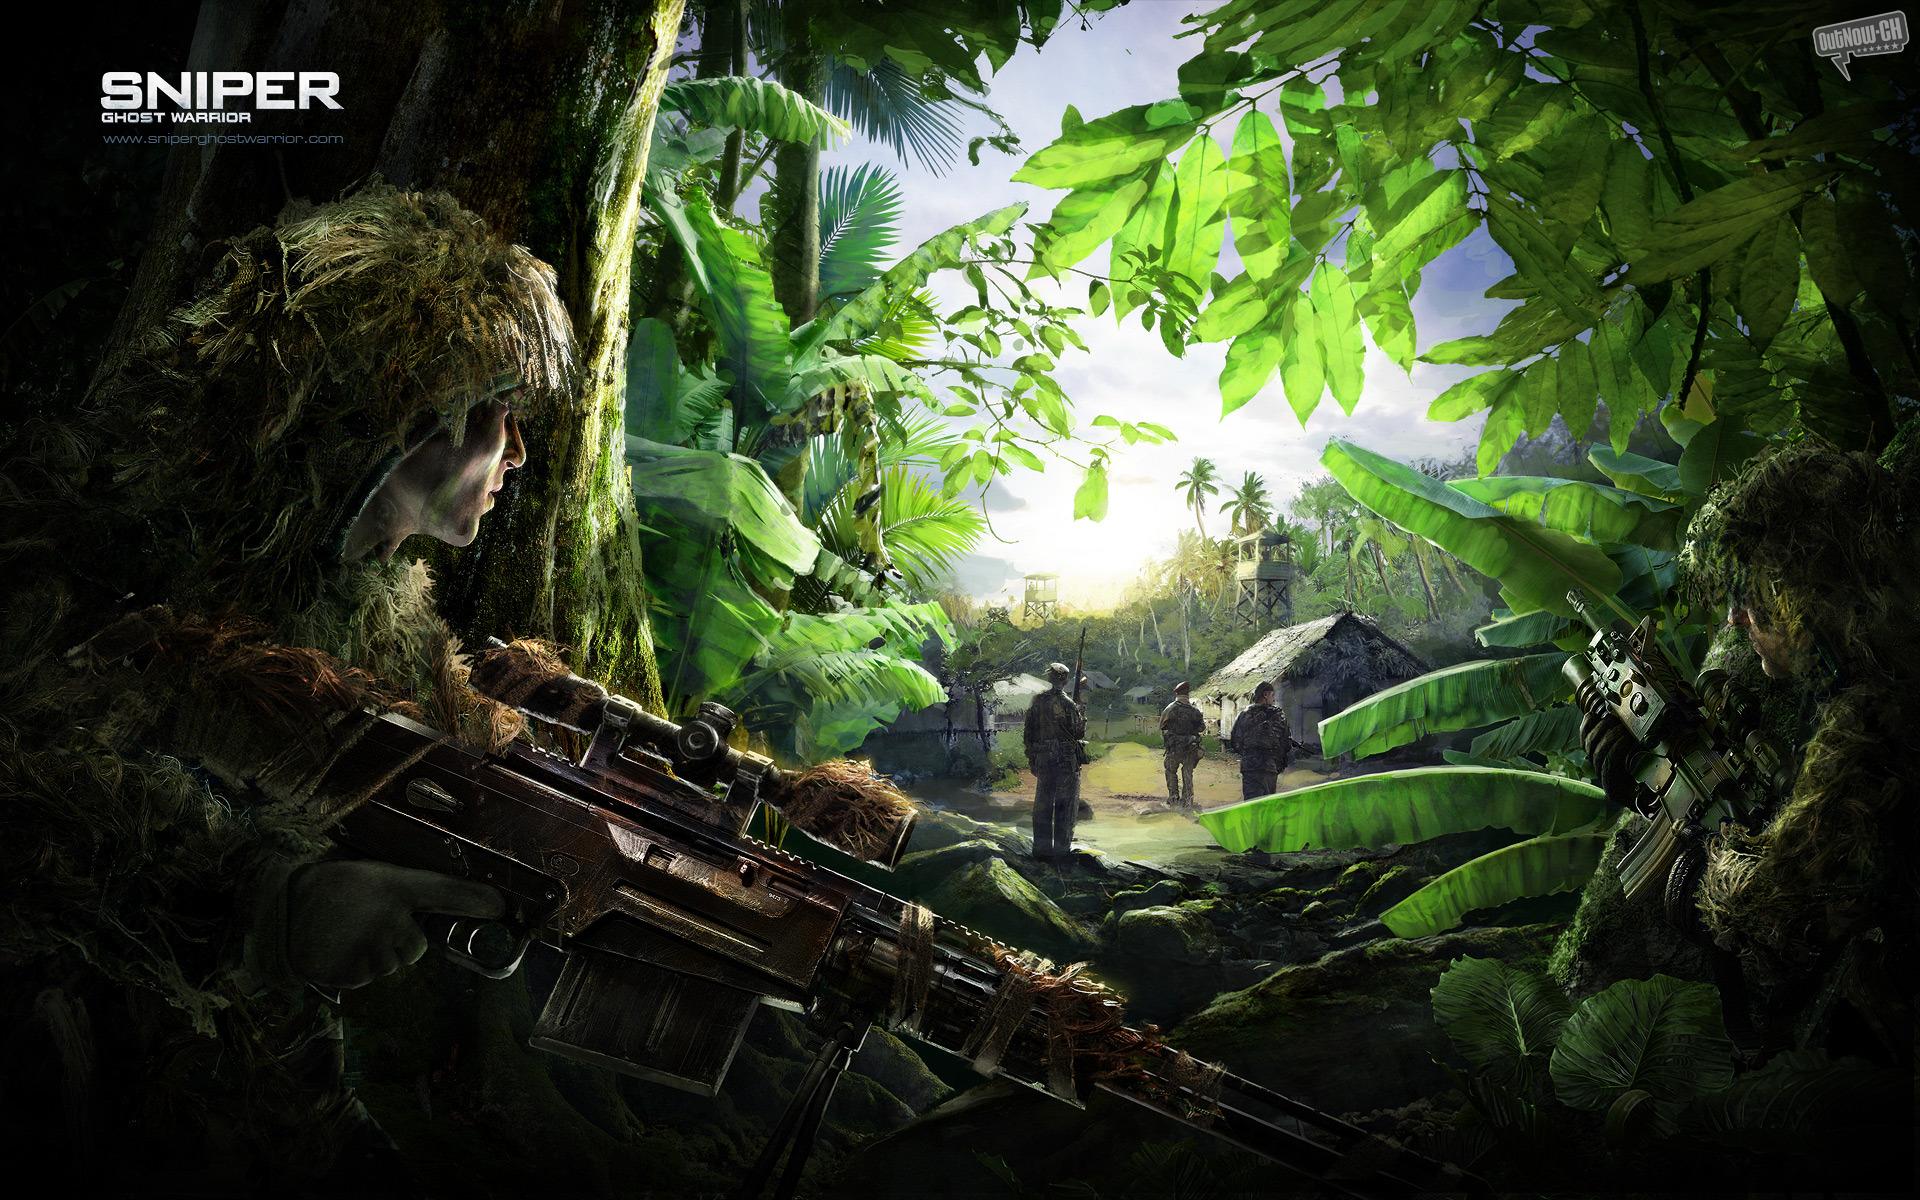 sniper5106 Wallpapers de sniper 1920x1200